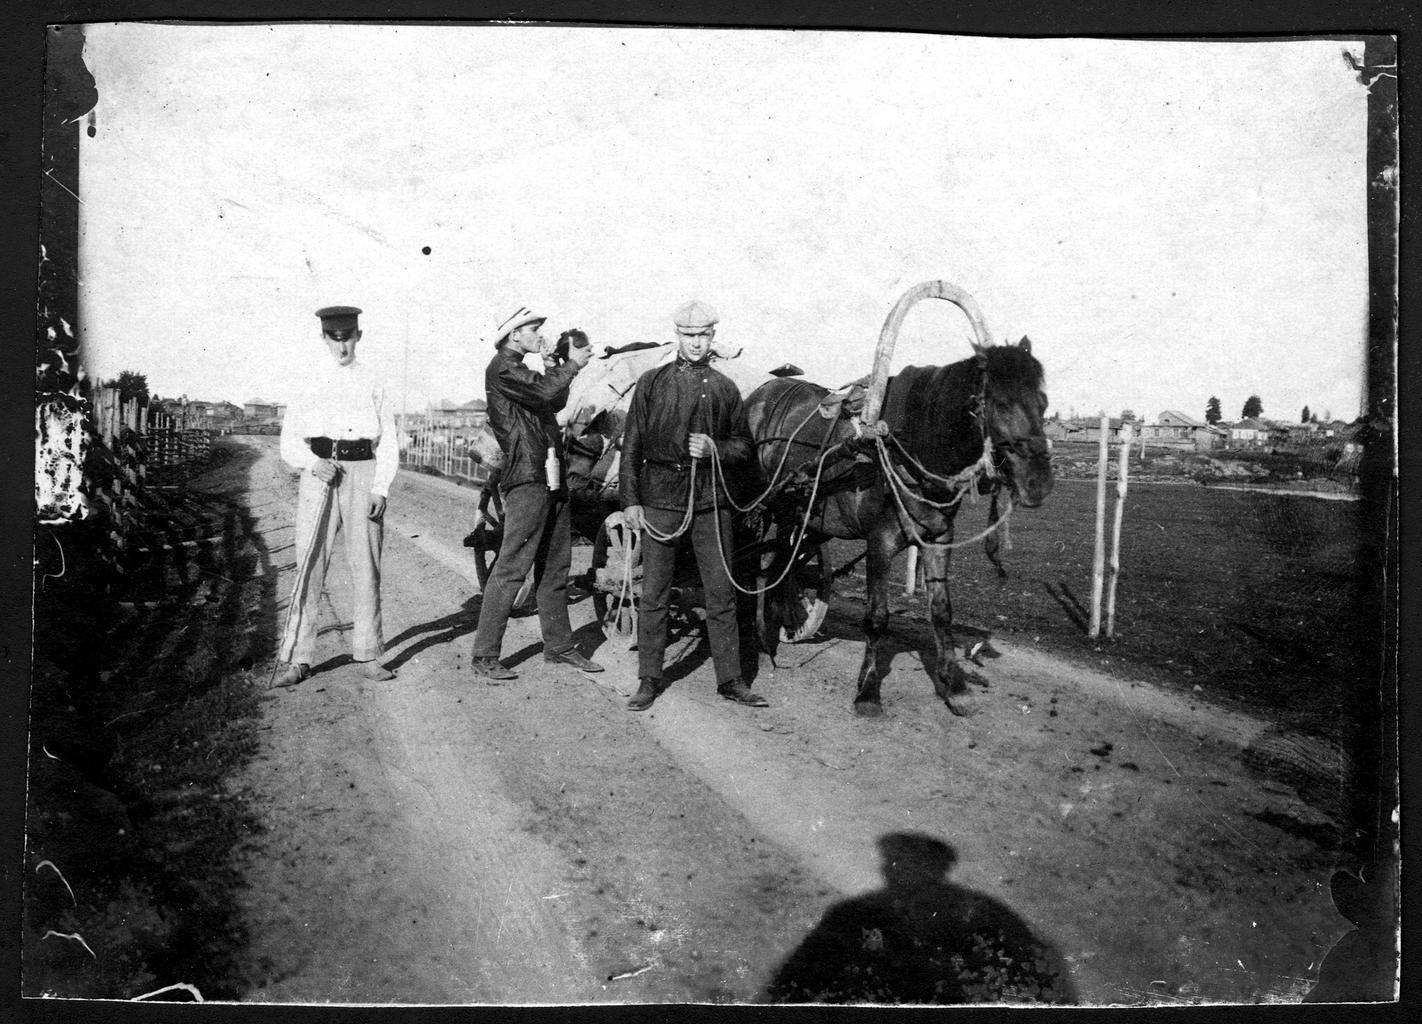 Участники экспедиции по Уралу в начале пути к горе Верхотурье